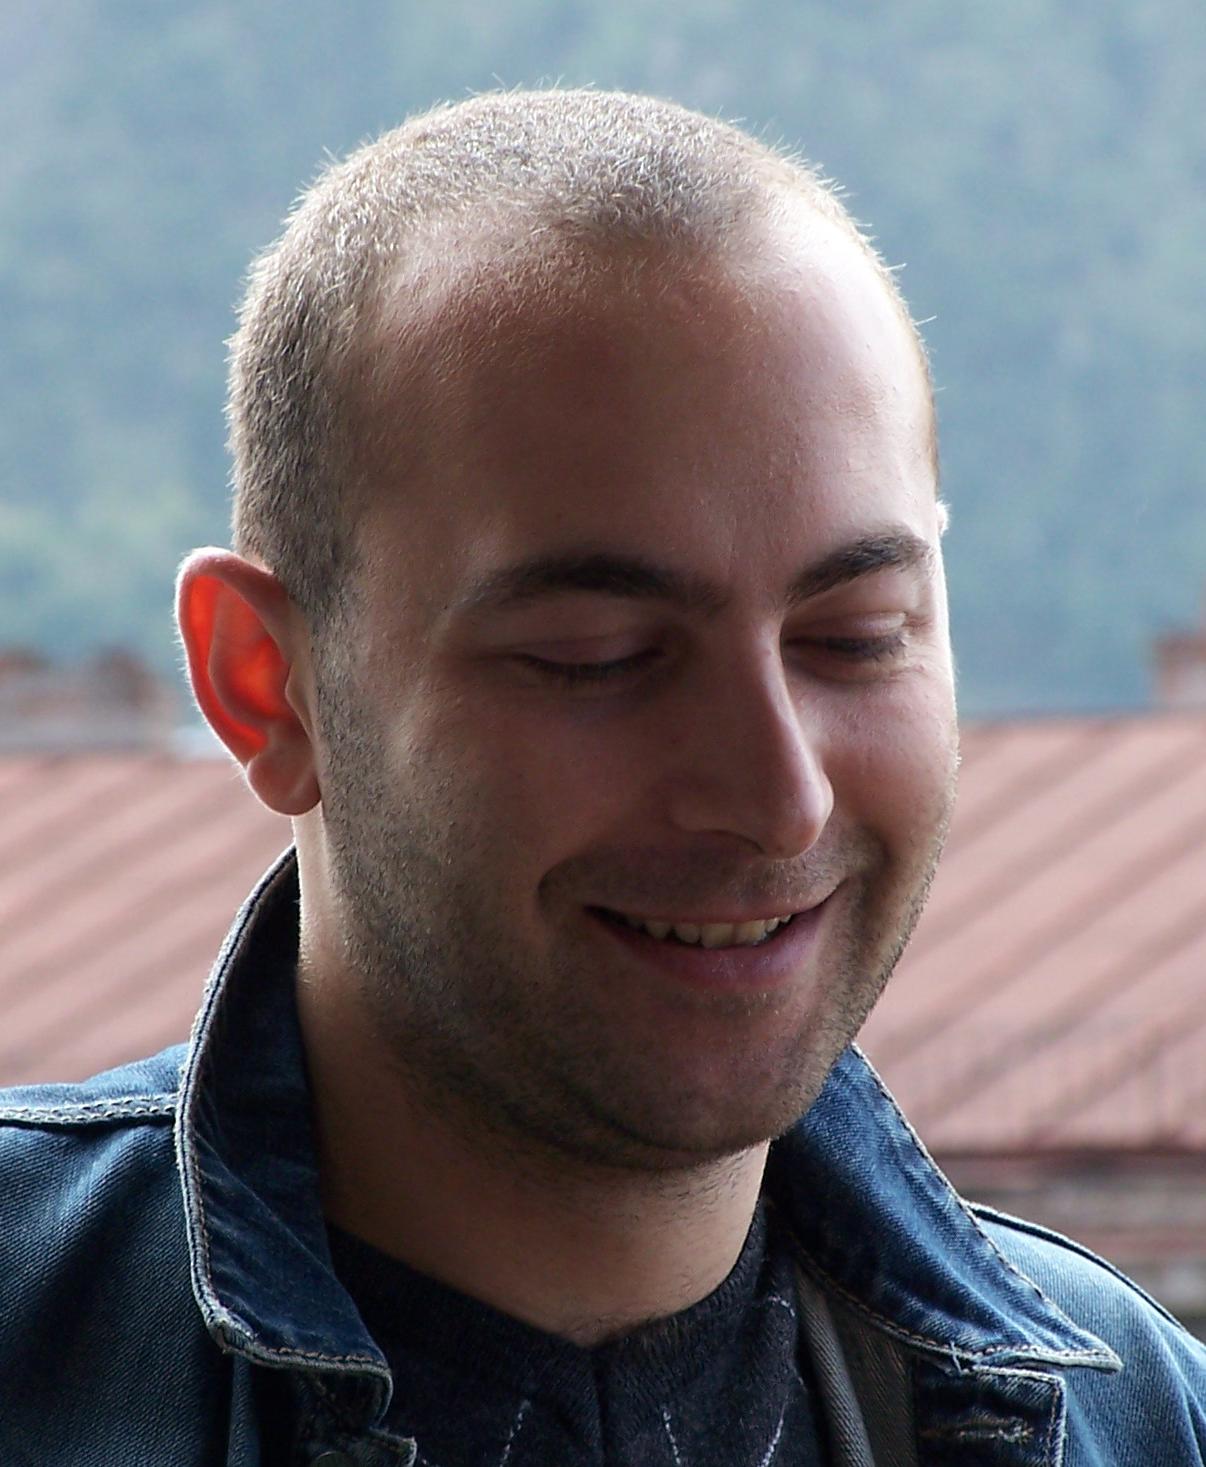 Zurab Chochia